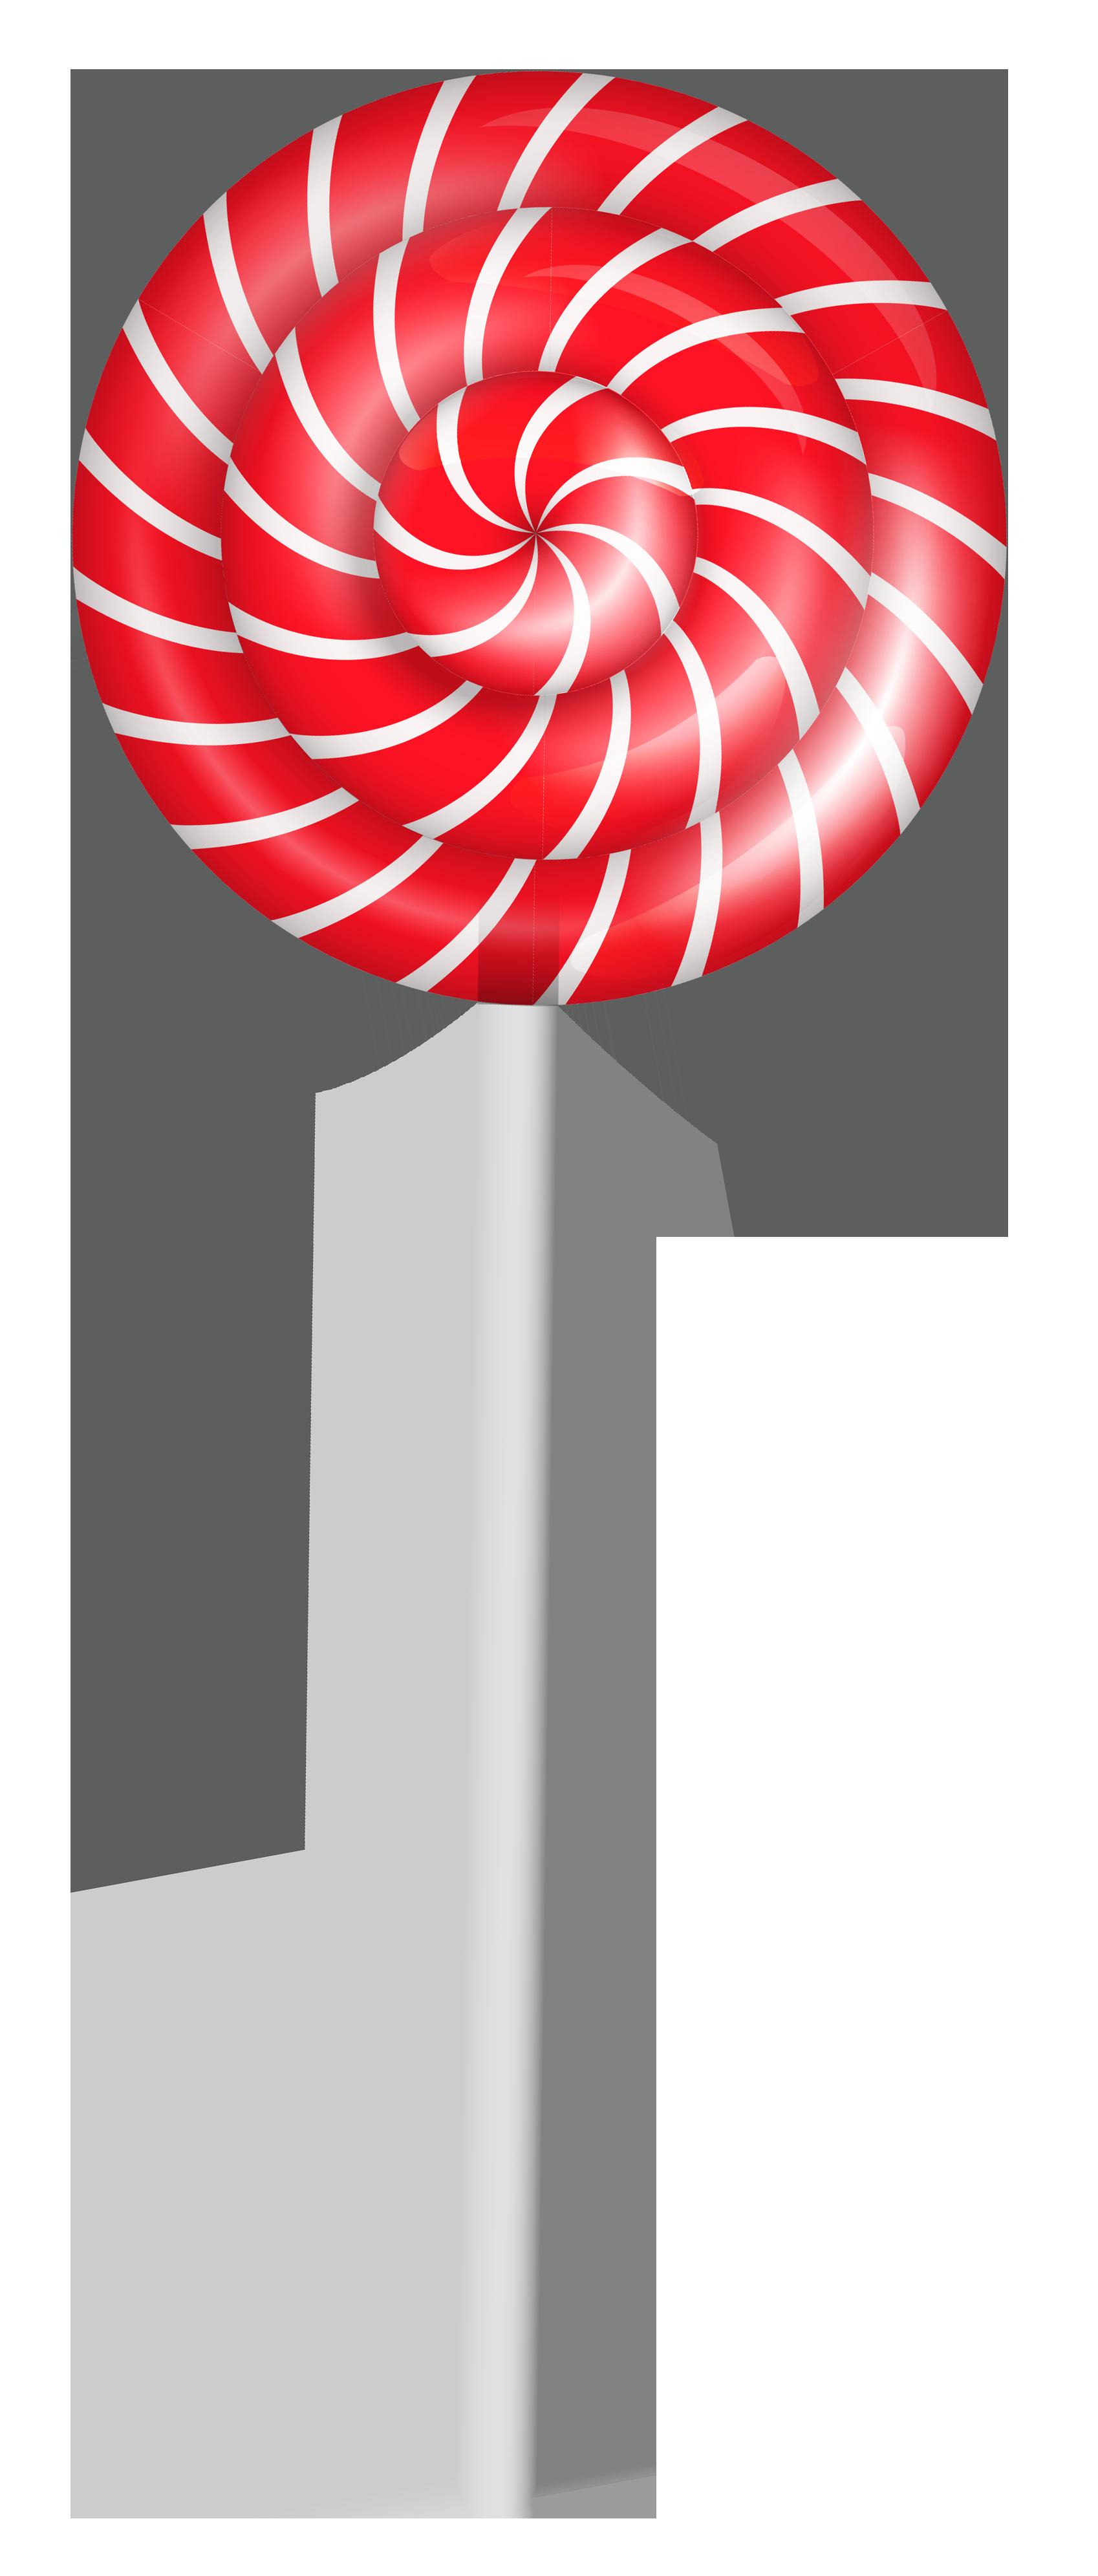 clip transparent Striped Lollipop PNG Clipart Picture